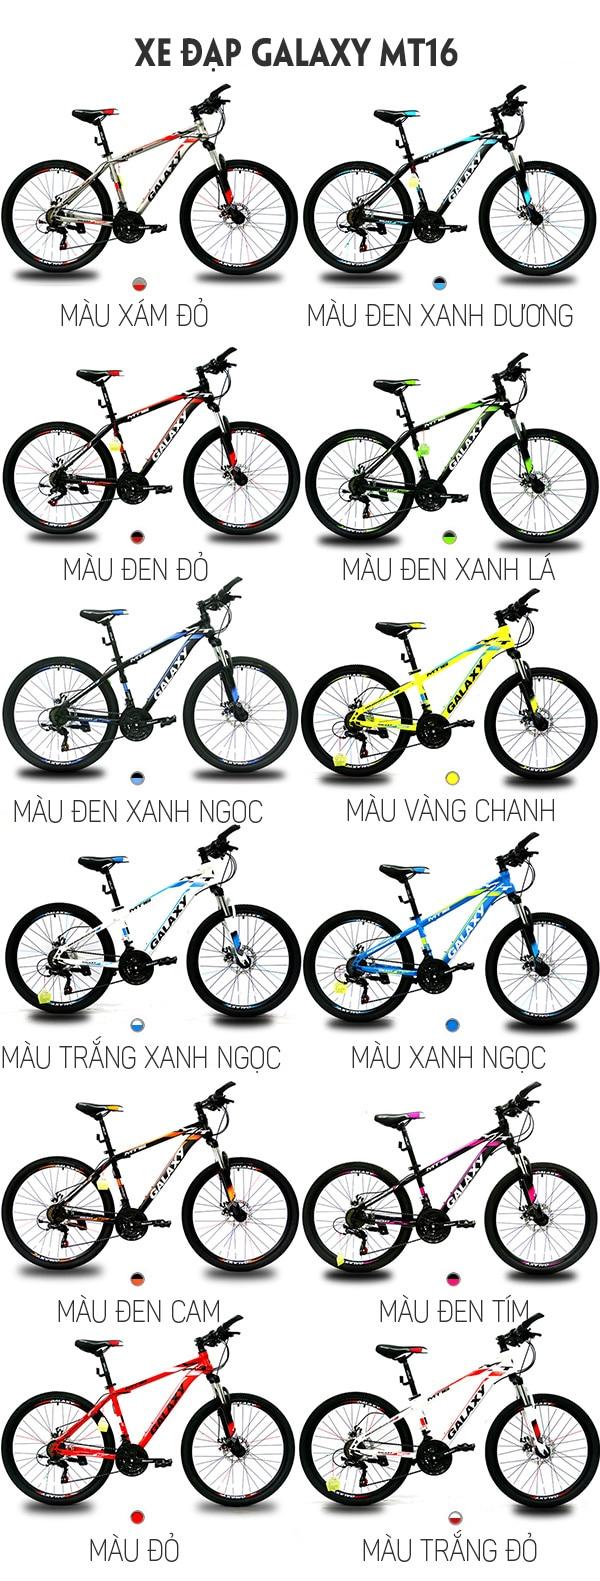 12 màu sắc trên xe đạp galaxy mt16